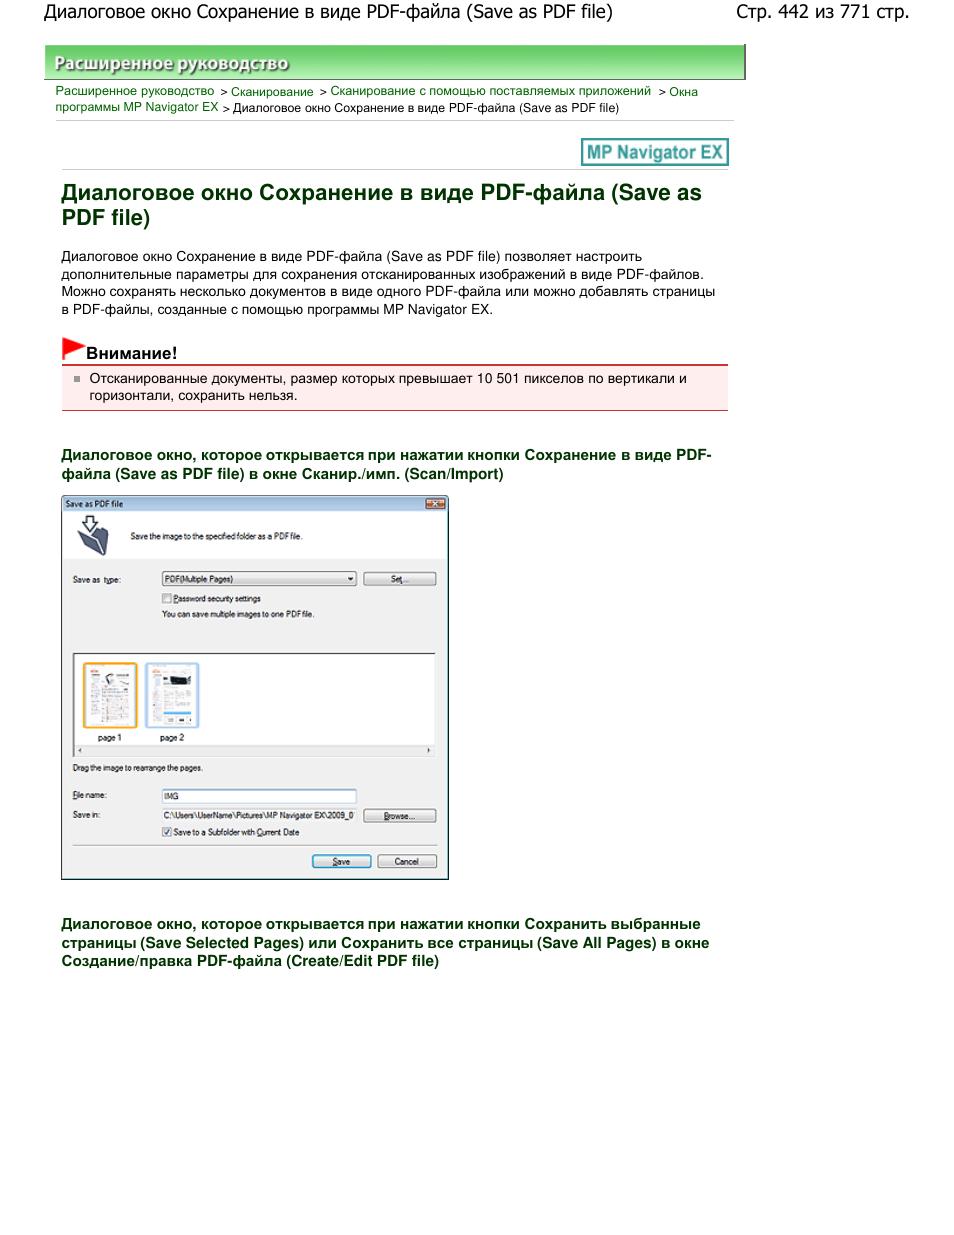 Как сделать в pdf несколько страниц в один файл